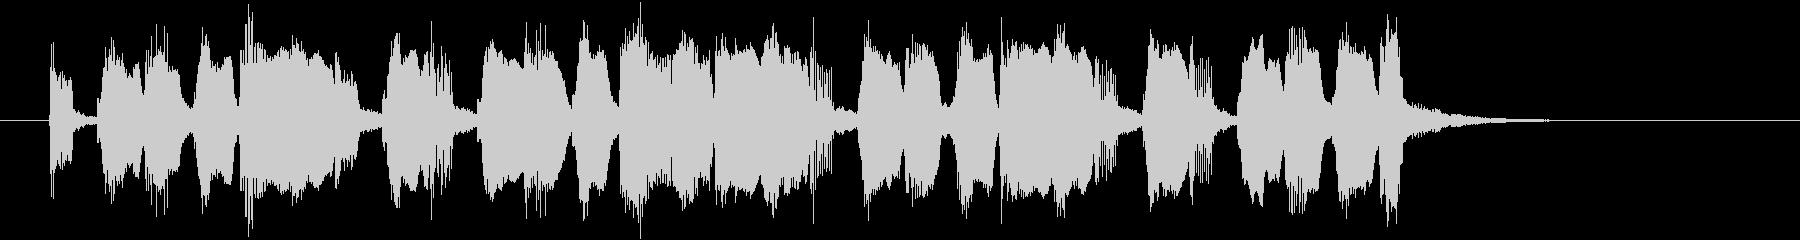 ほっこりするリラクゼーションミュージックの未再生の波形